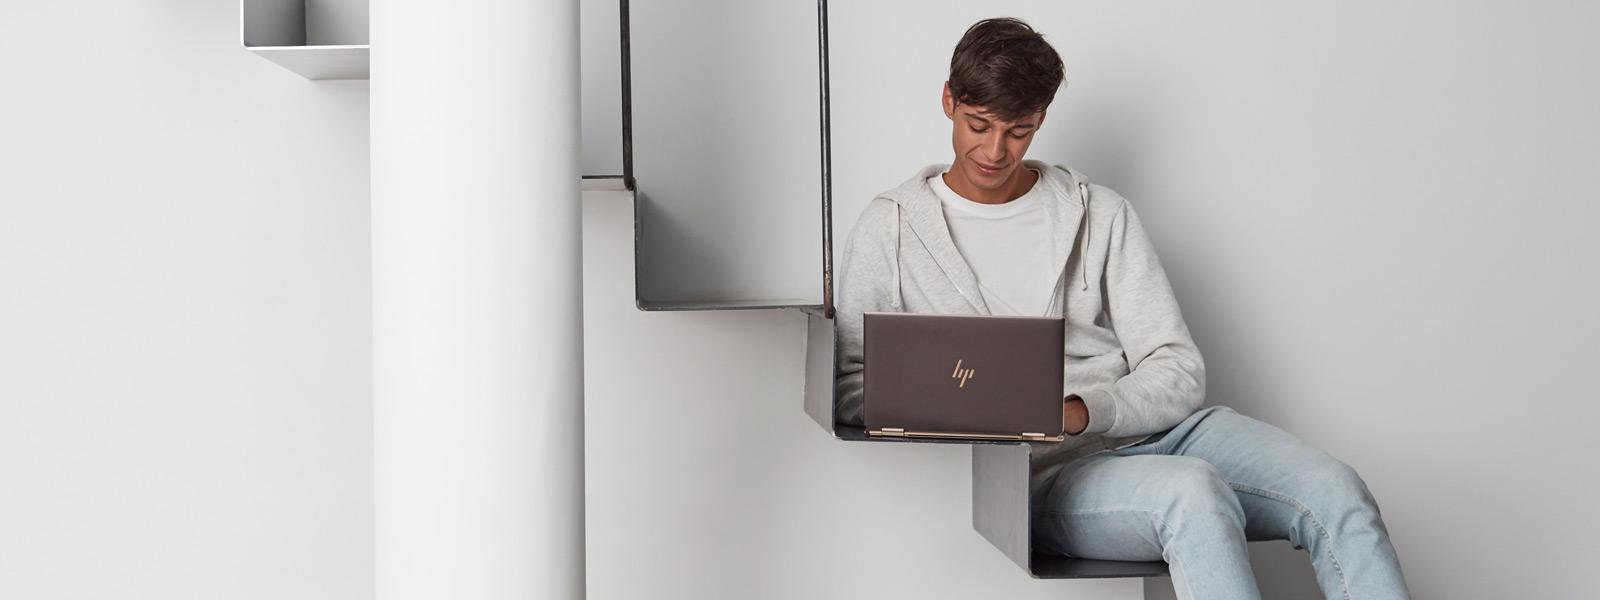 Un étudiant assis dans les escaliers tout en travaillant sur un ordinateur portable